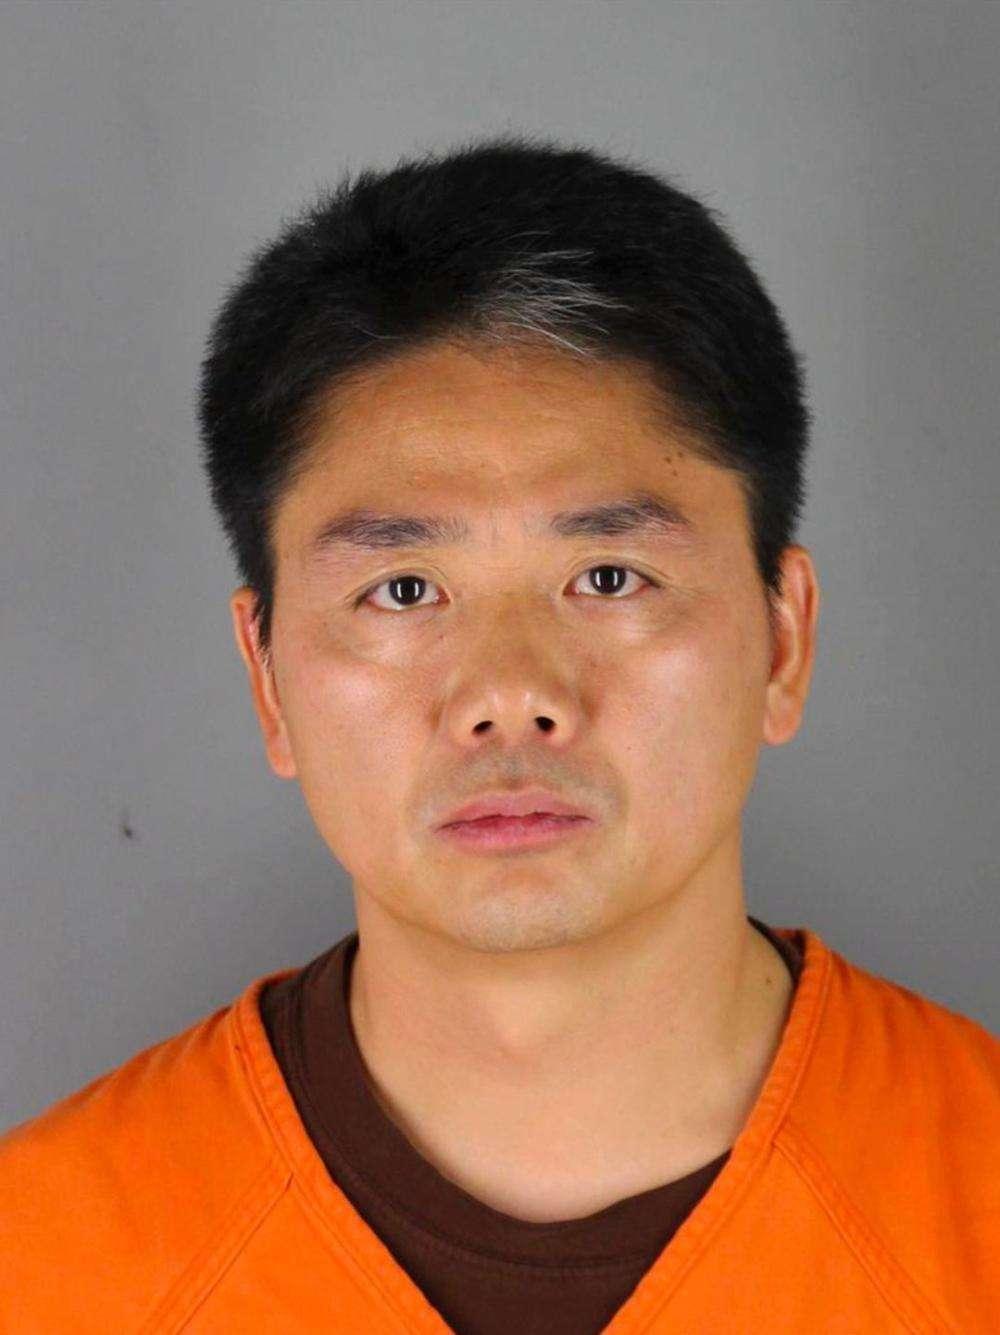 刘强东案关键证人为什么离开美国